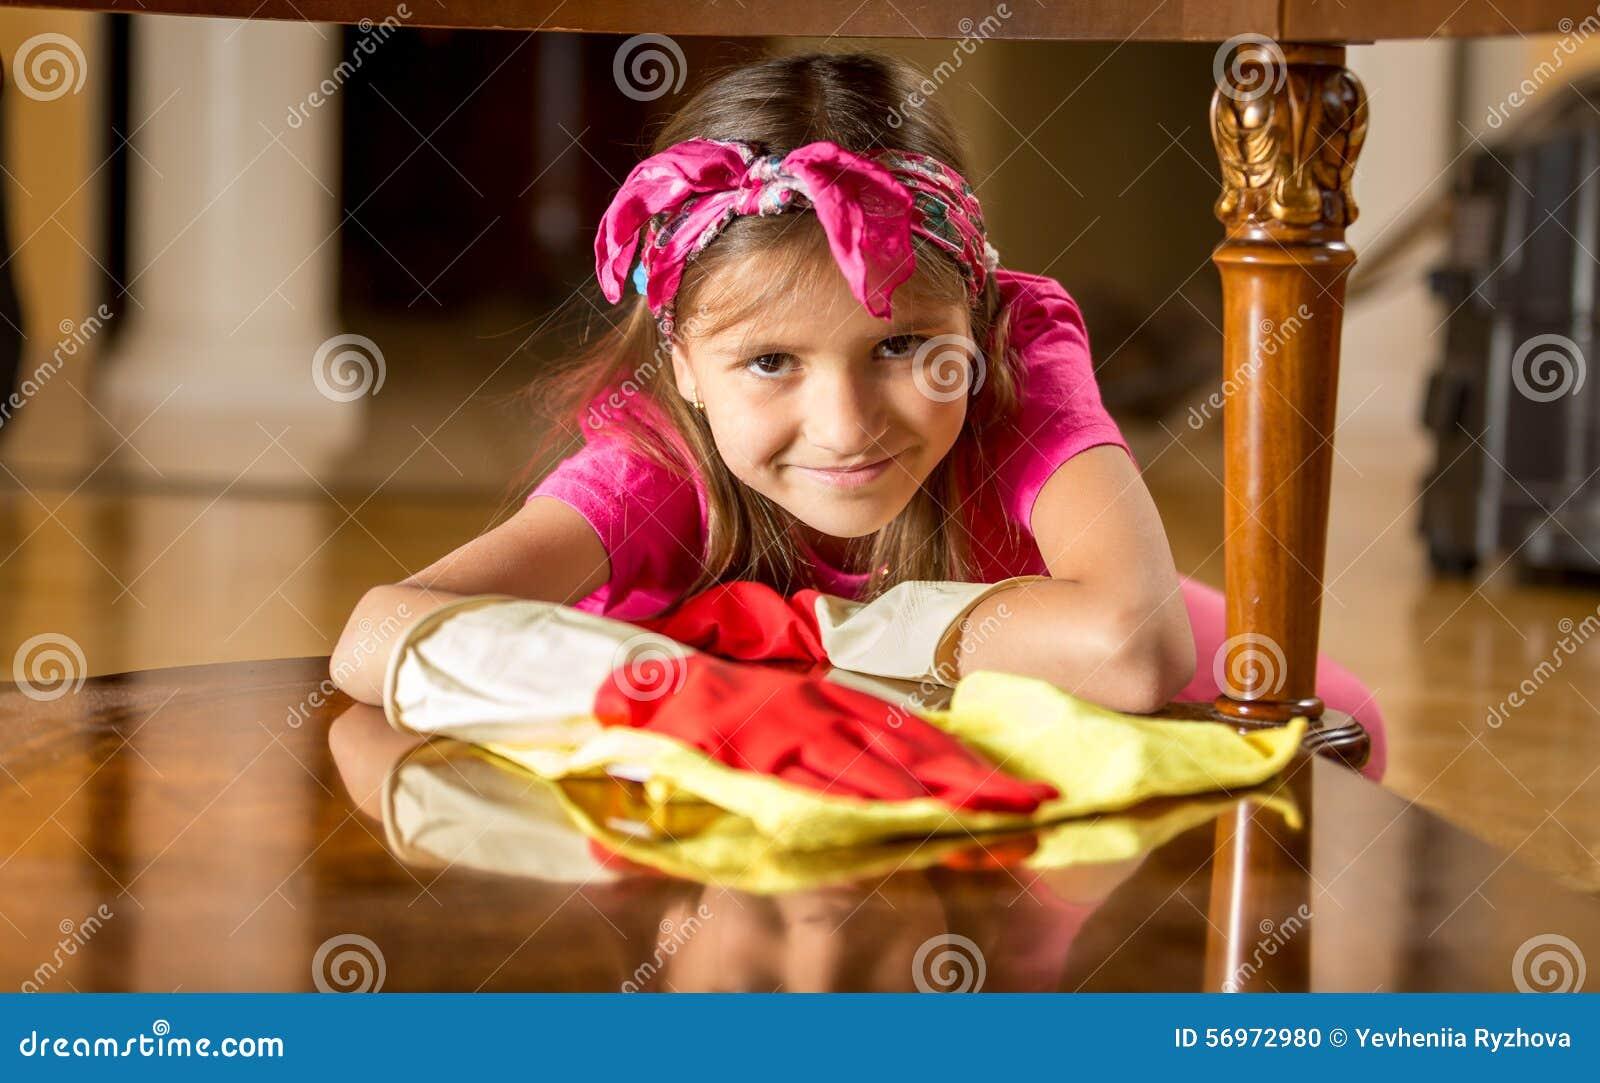 фото девушек резиновых